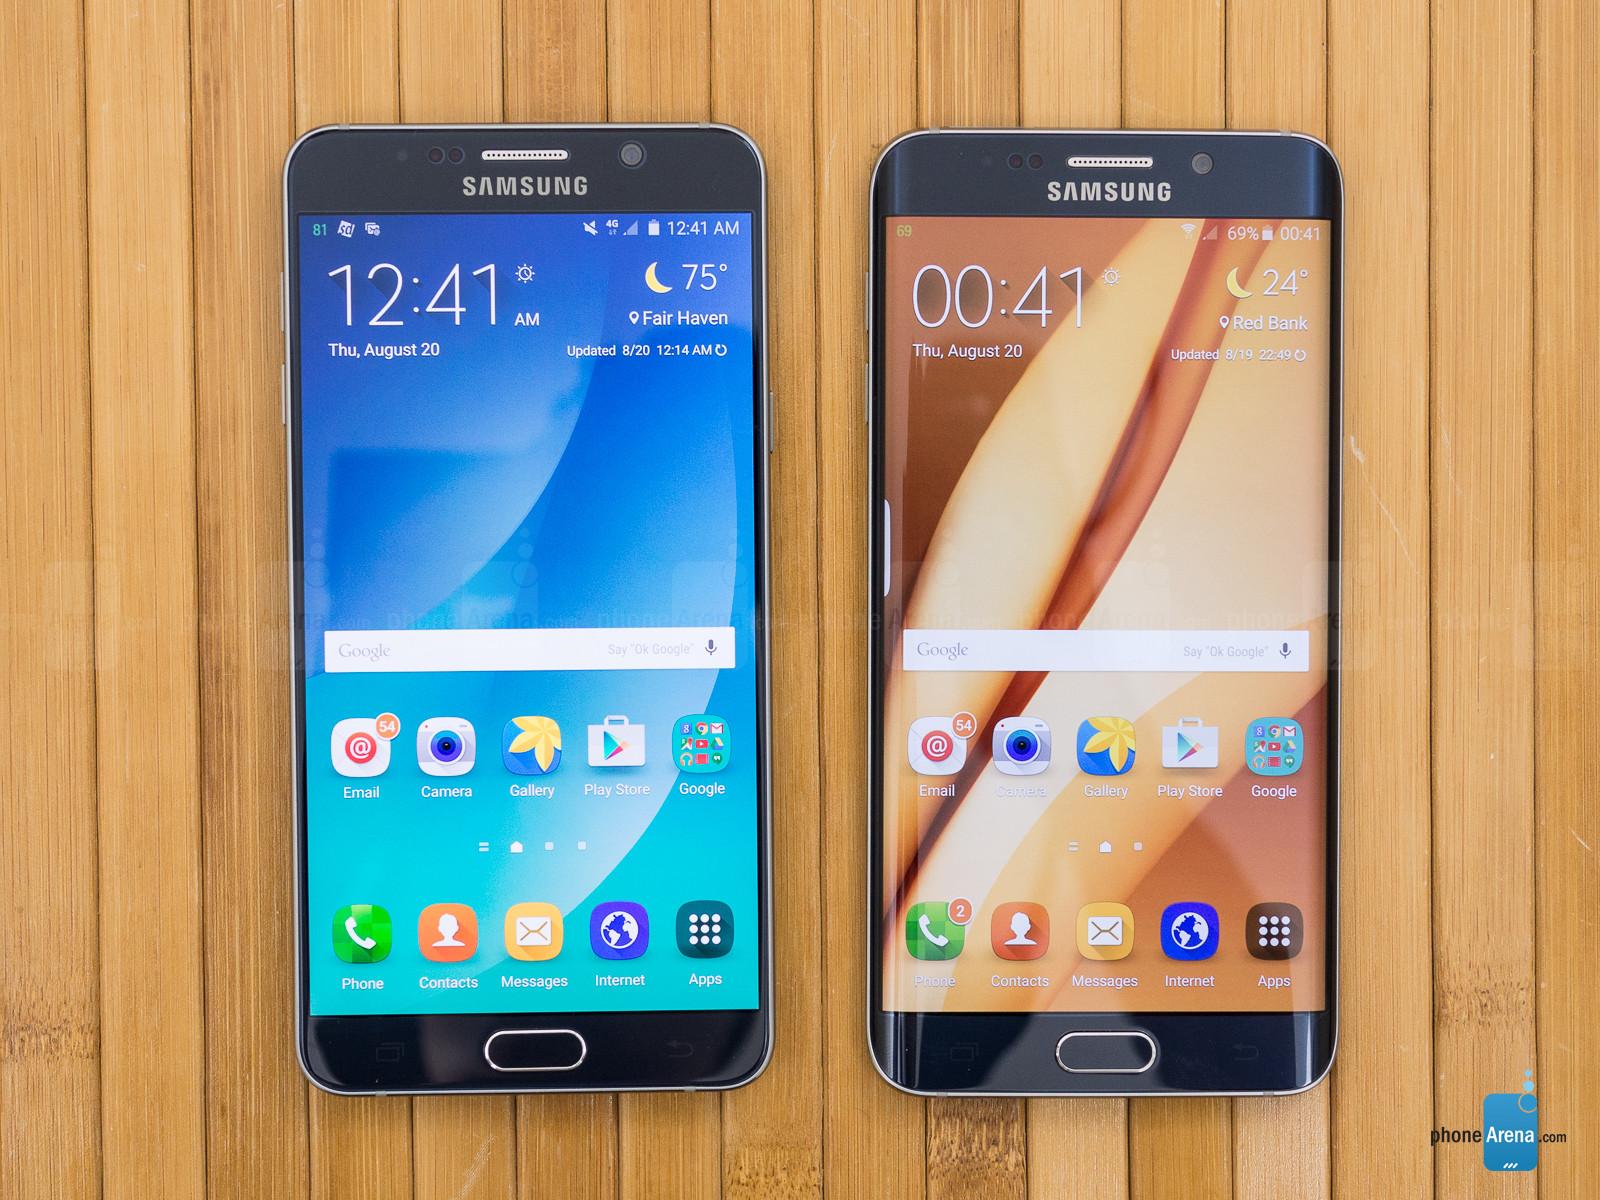 تصاویری از Galaxy S6 به همراه اندروید ۶ منتشر شد